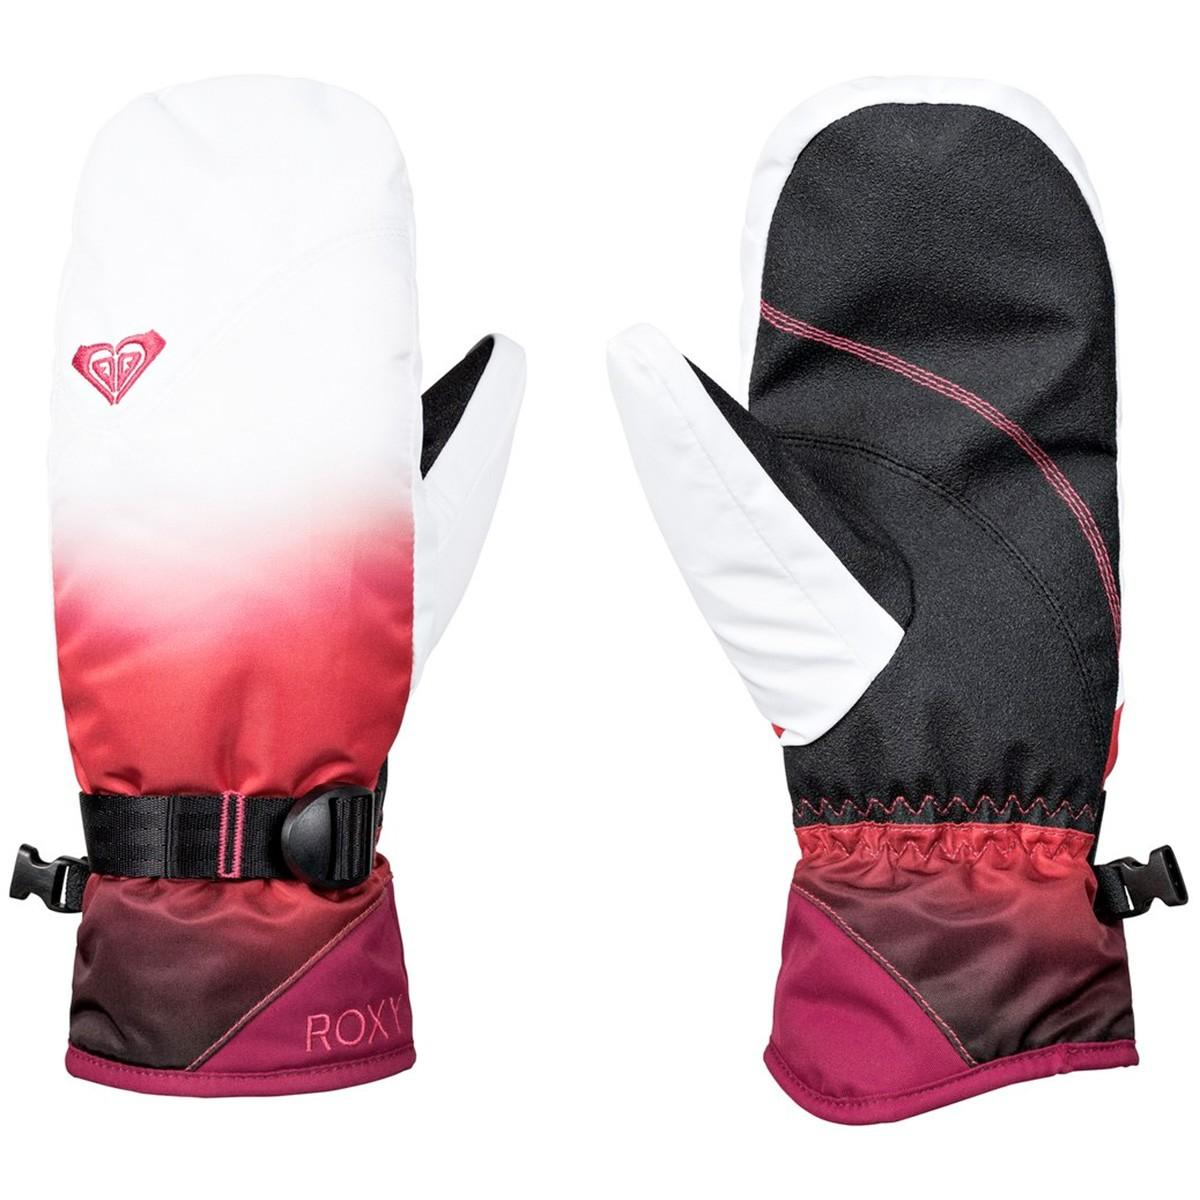 Moffole snowboard Roxy Jetty SE Donna (Colore: bianco-rosso, Taglia: S)